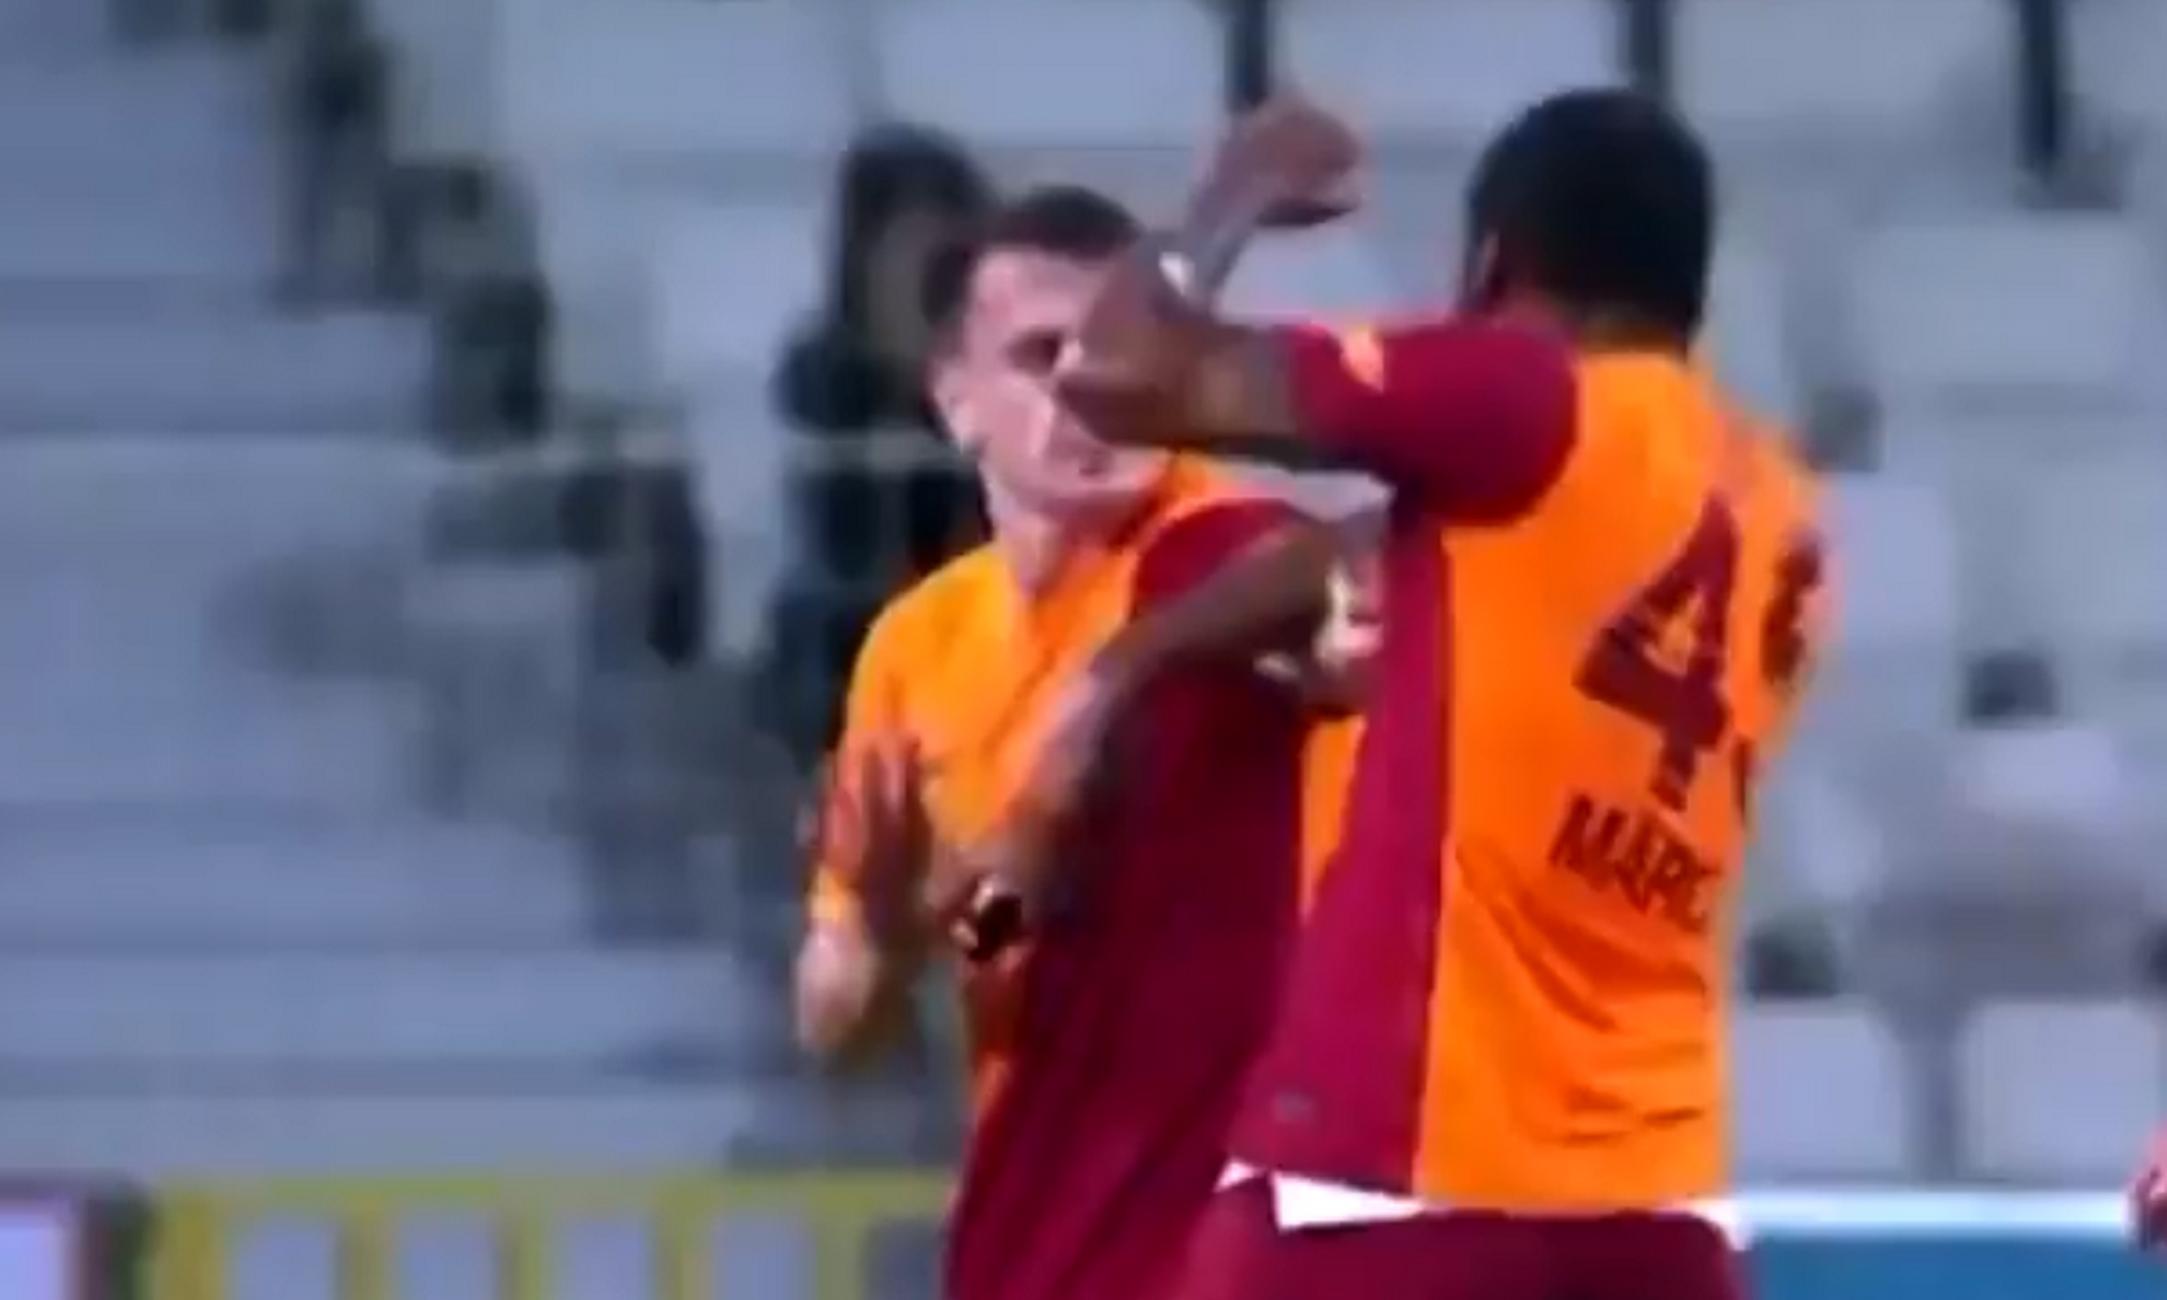 Απίστευτο: Παίκτης της Γαλατασαράι αποβλήθηκε για μπουνιά σε συμπαίκτη του